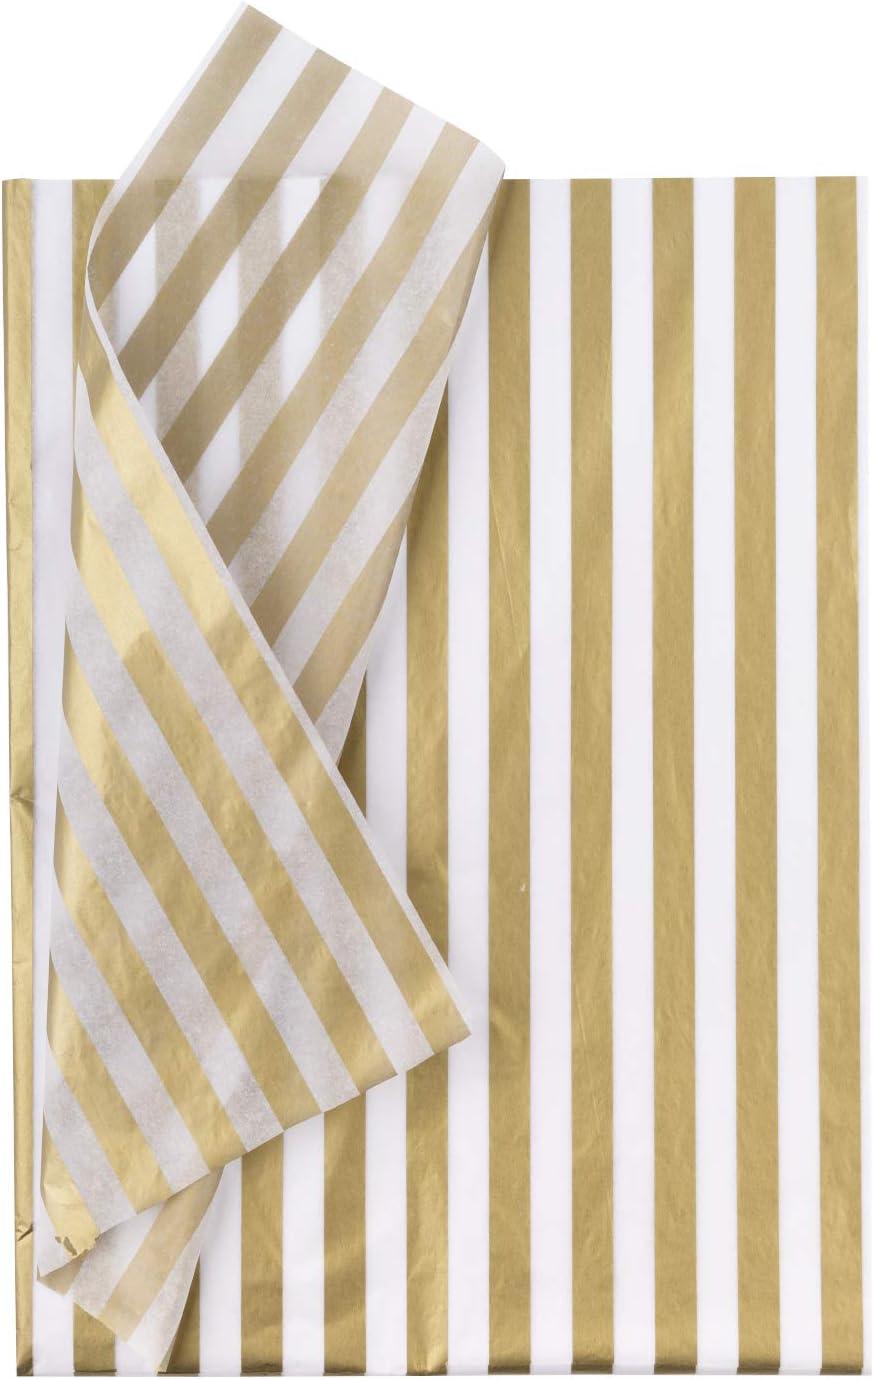 50 x 70 cm 25 Blatt Metallisches Gold Plaiddruck Seidenpapier f/ür Heimarbeit Bastelarbeit Geschenkverpackung RUSPEPA Geschenkpapier Seidenpapier